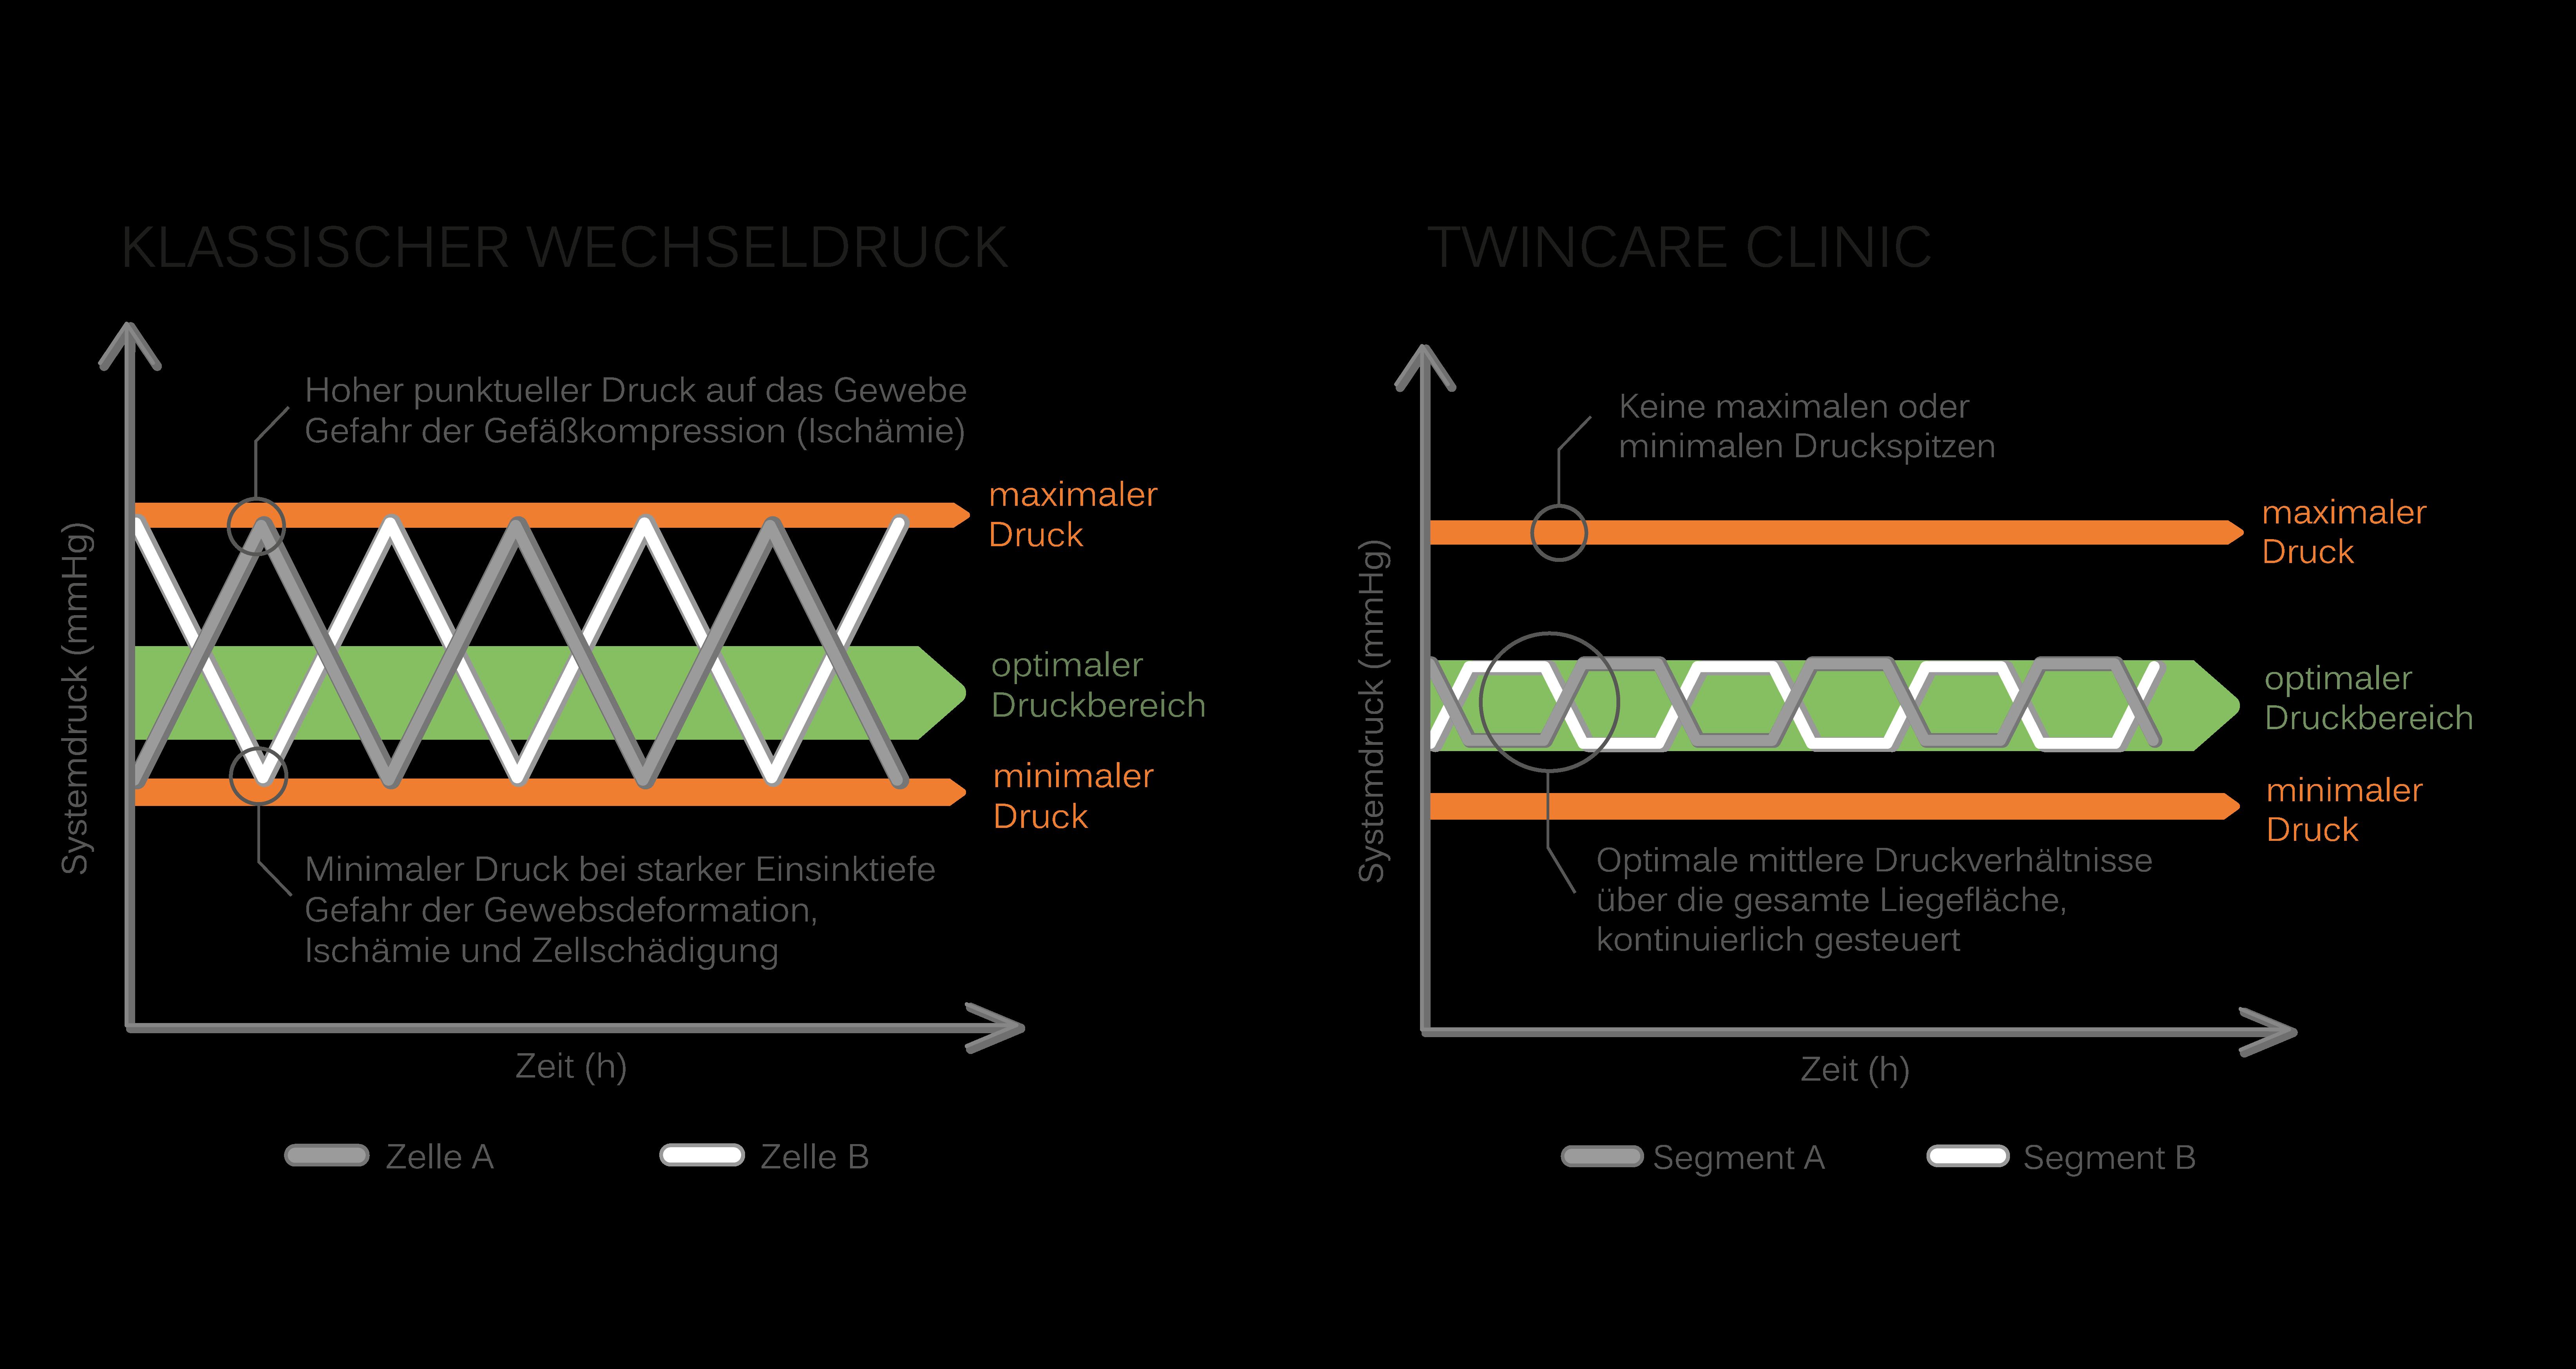 Vergleich Twincare Clinic und klassischer Wechseldruck_groß_PNG